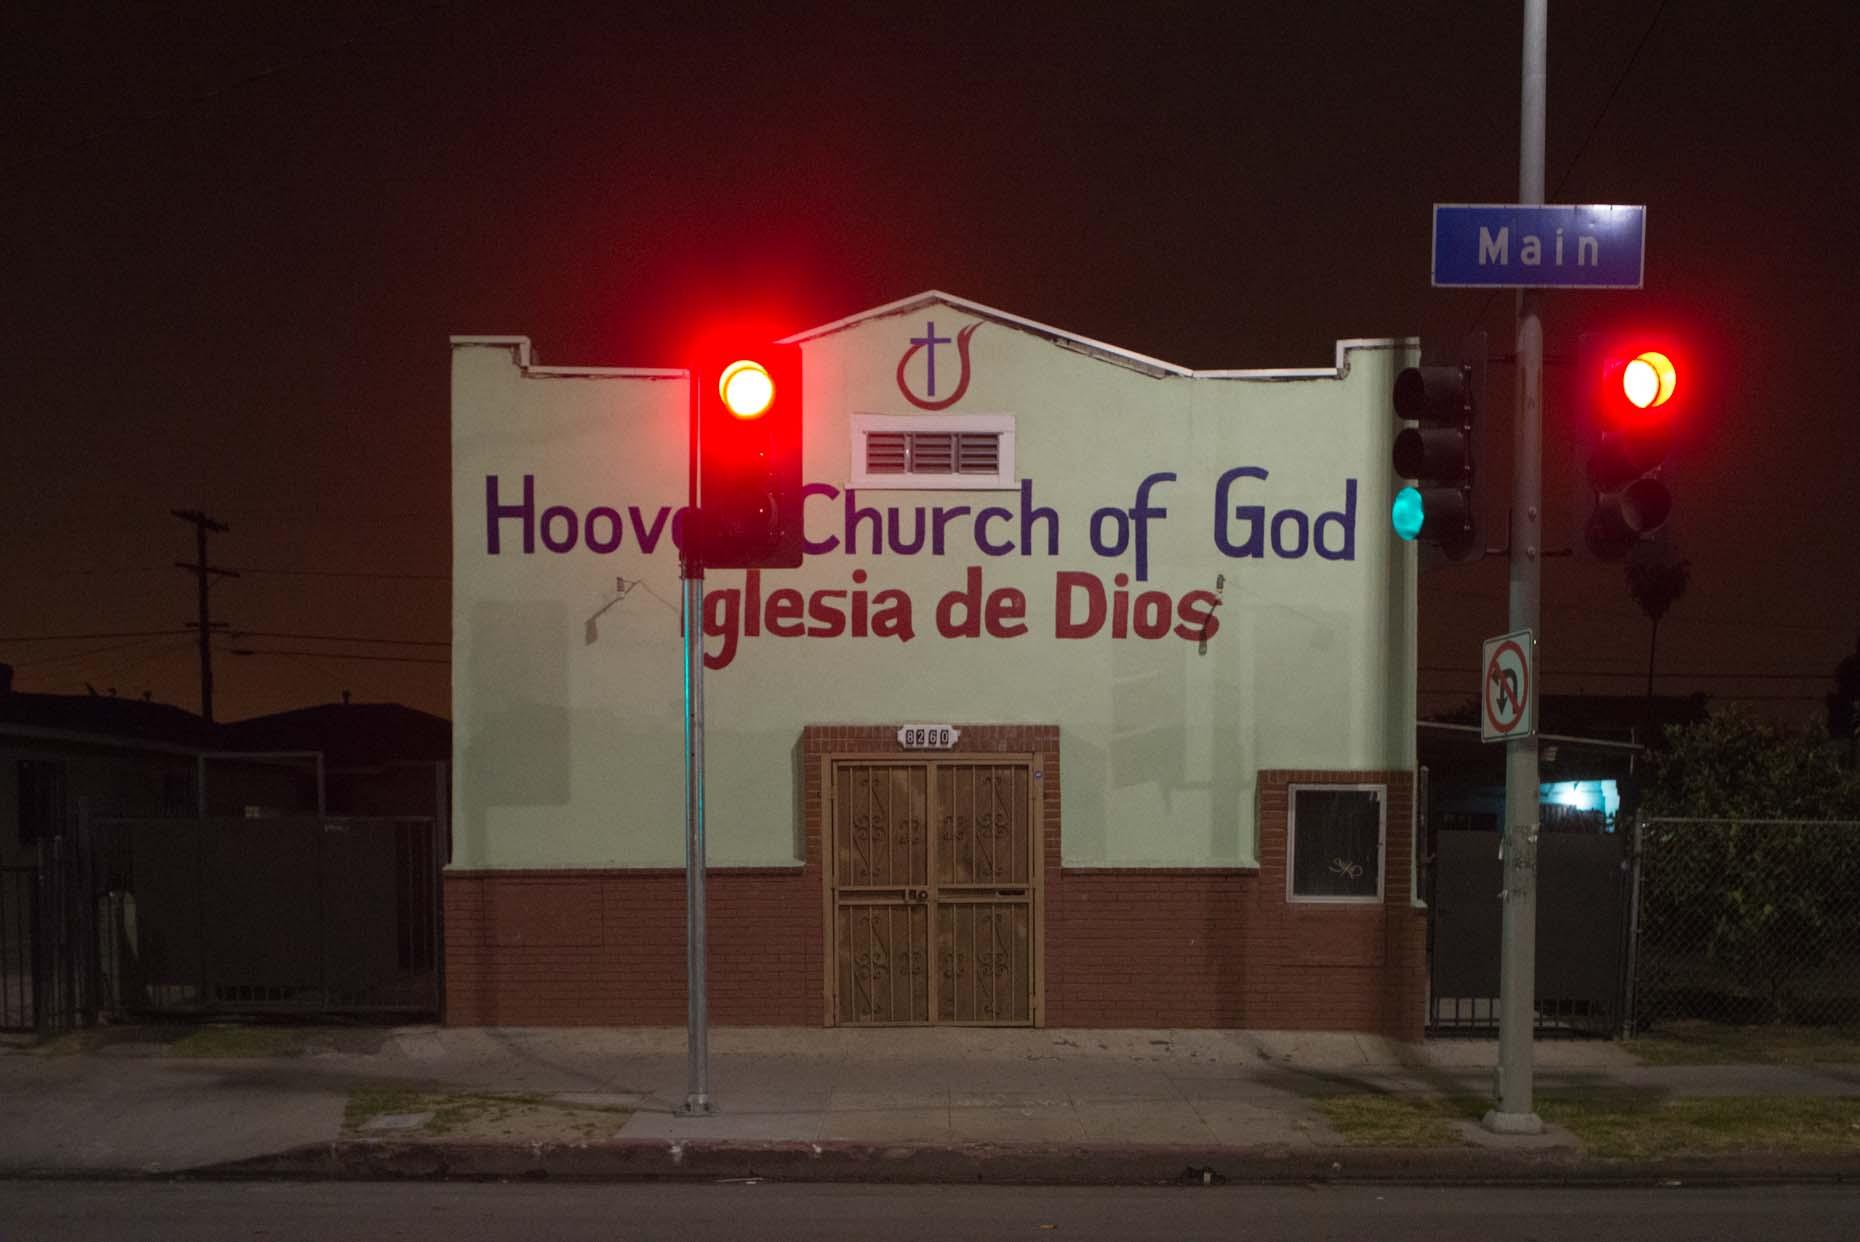 8260 S. Main St, LA,  2013